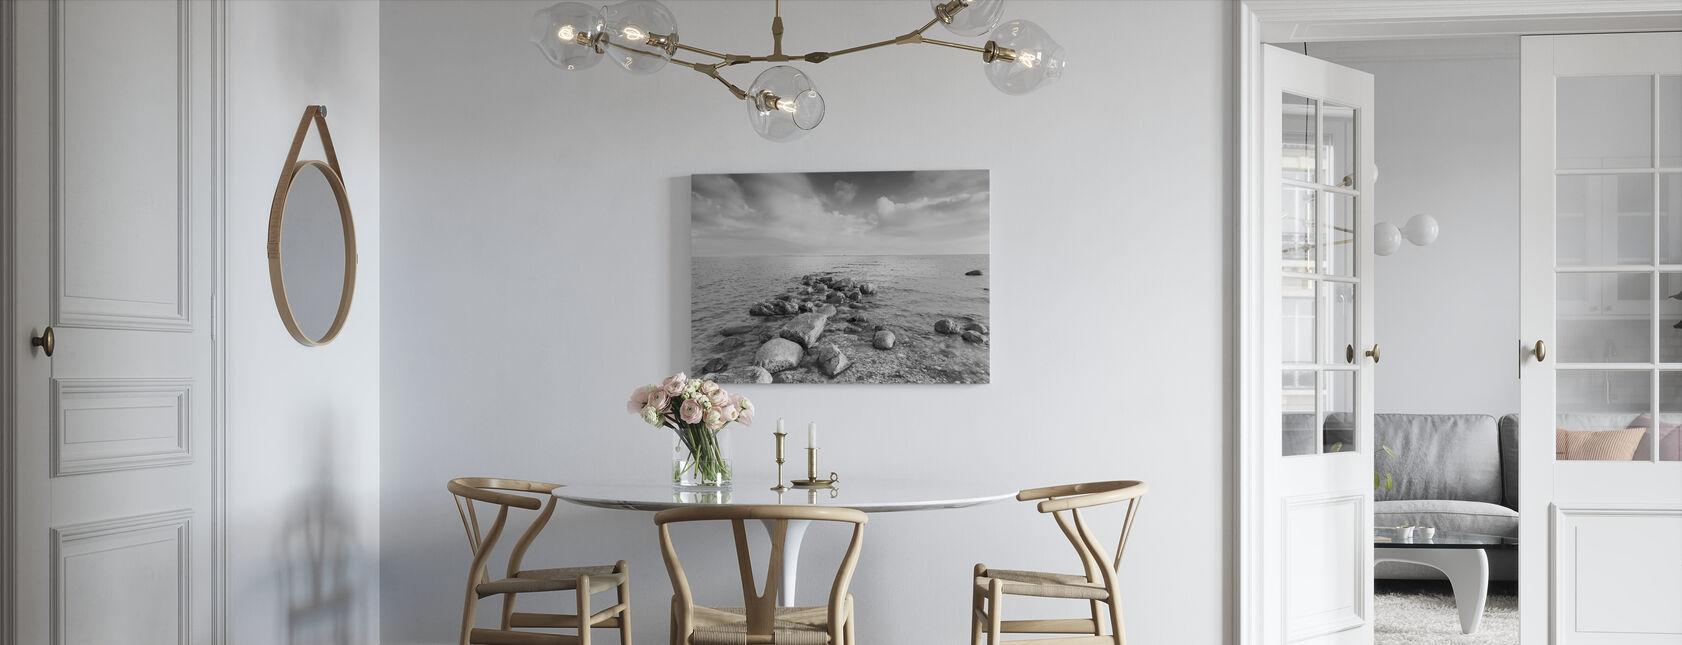 Musta ja Valkoinen meri - Canvastaulu - Keittiö